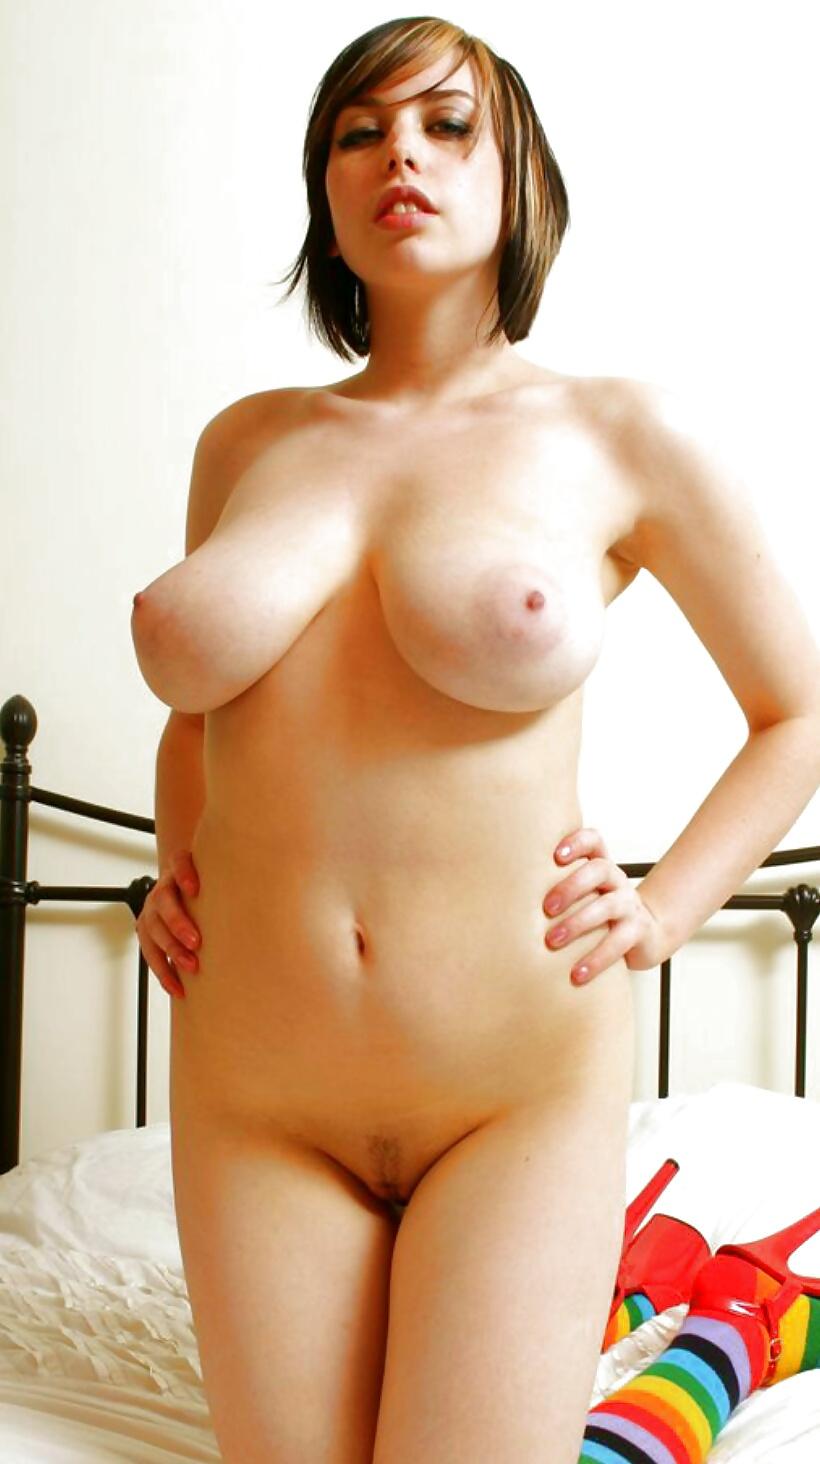 Xxx nudist pics, free naturist porn galery, sexy nudist clips